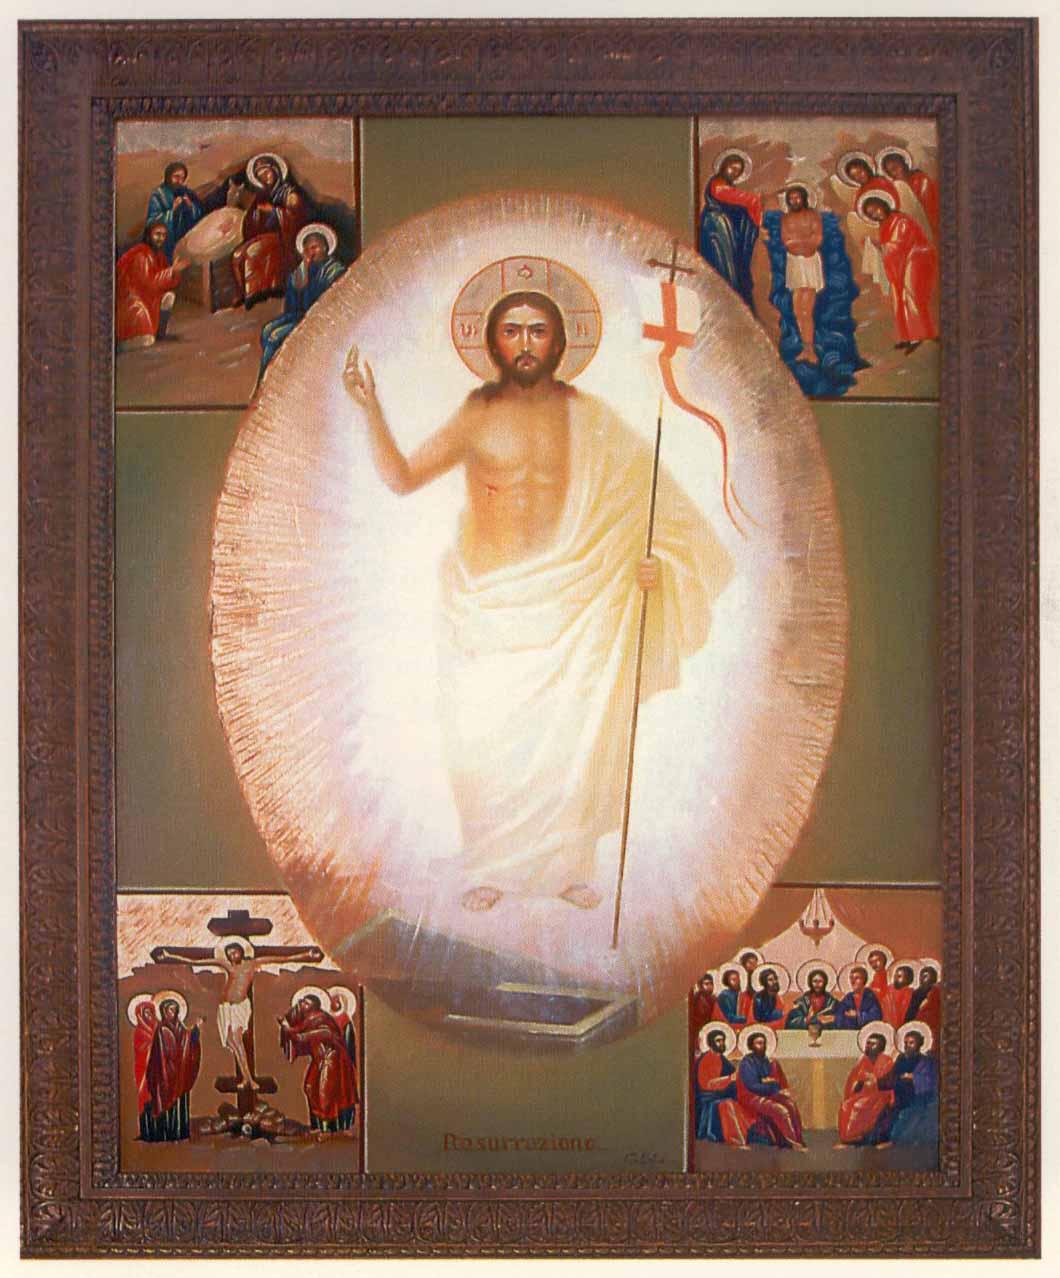 Icone du Christ ressuscité dans images sacrée icona